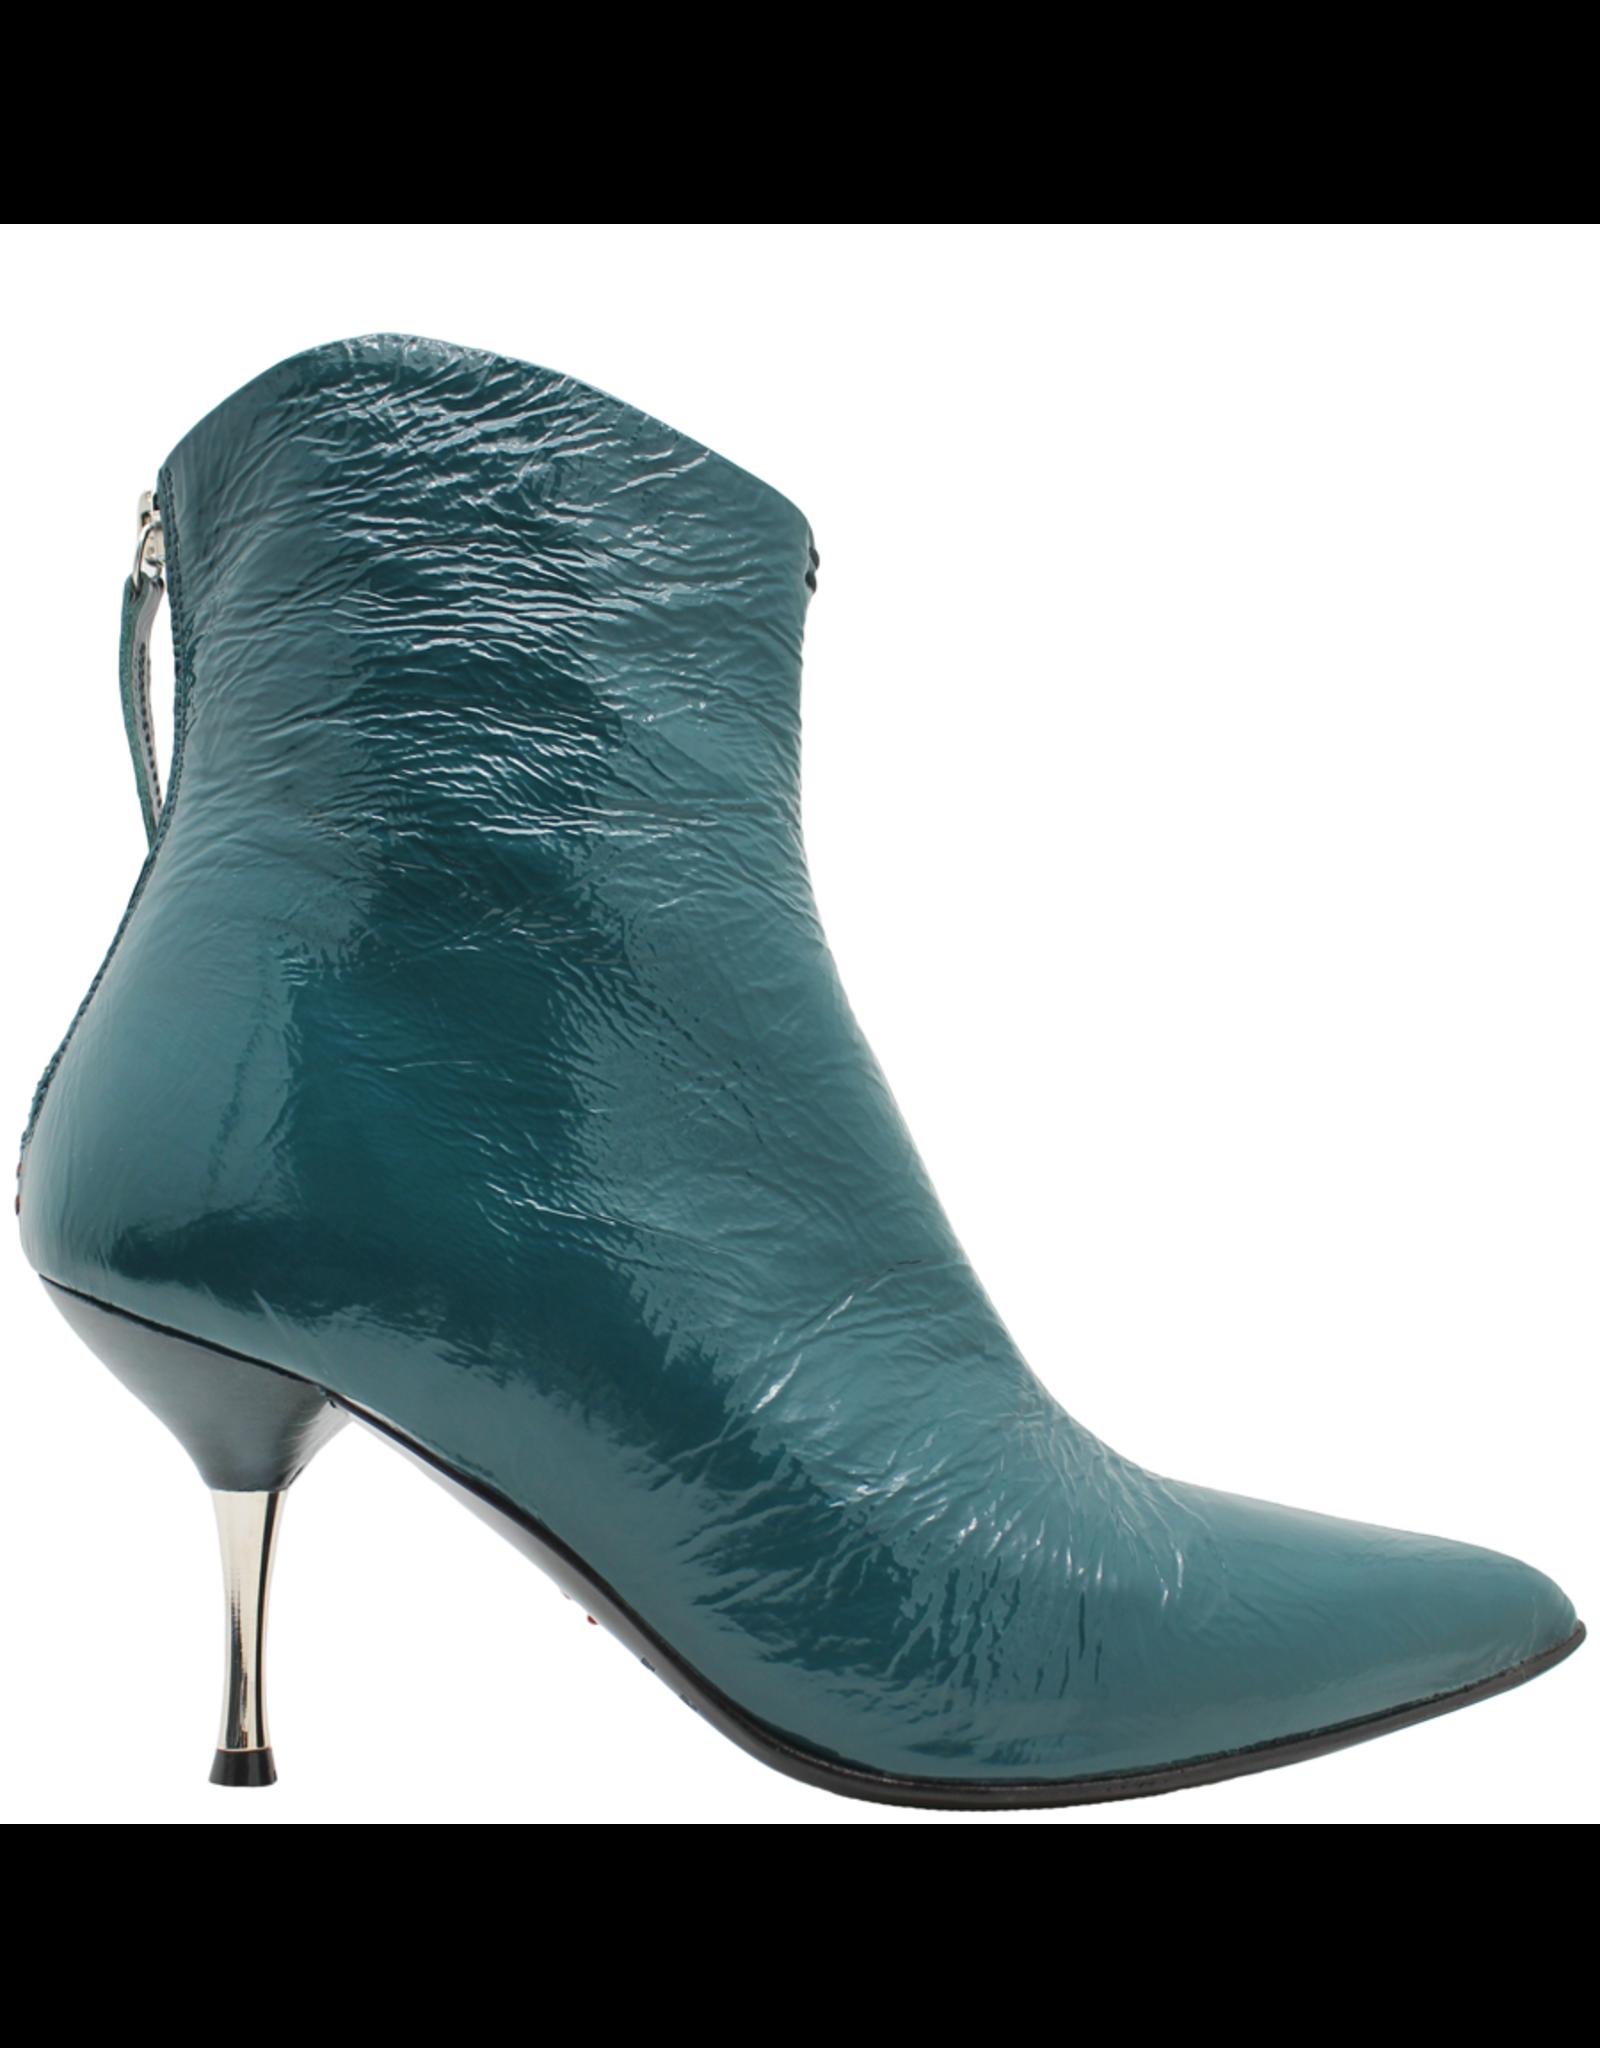 Halmanera Halmanera Teal Patent Boot With Metal Heel Back Zipper 1996